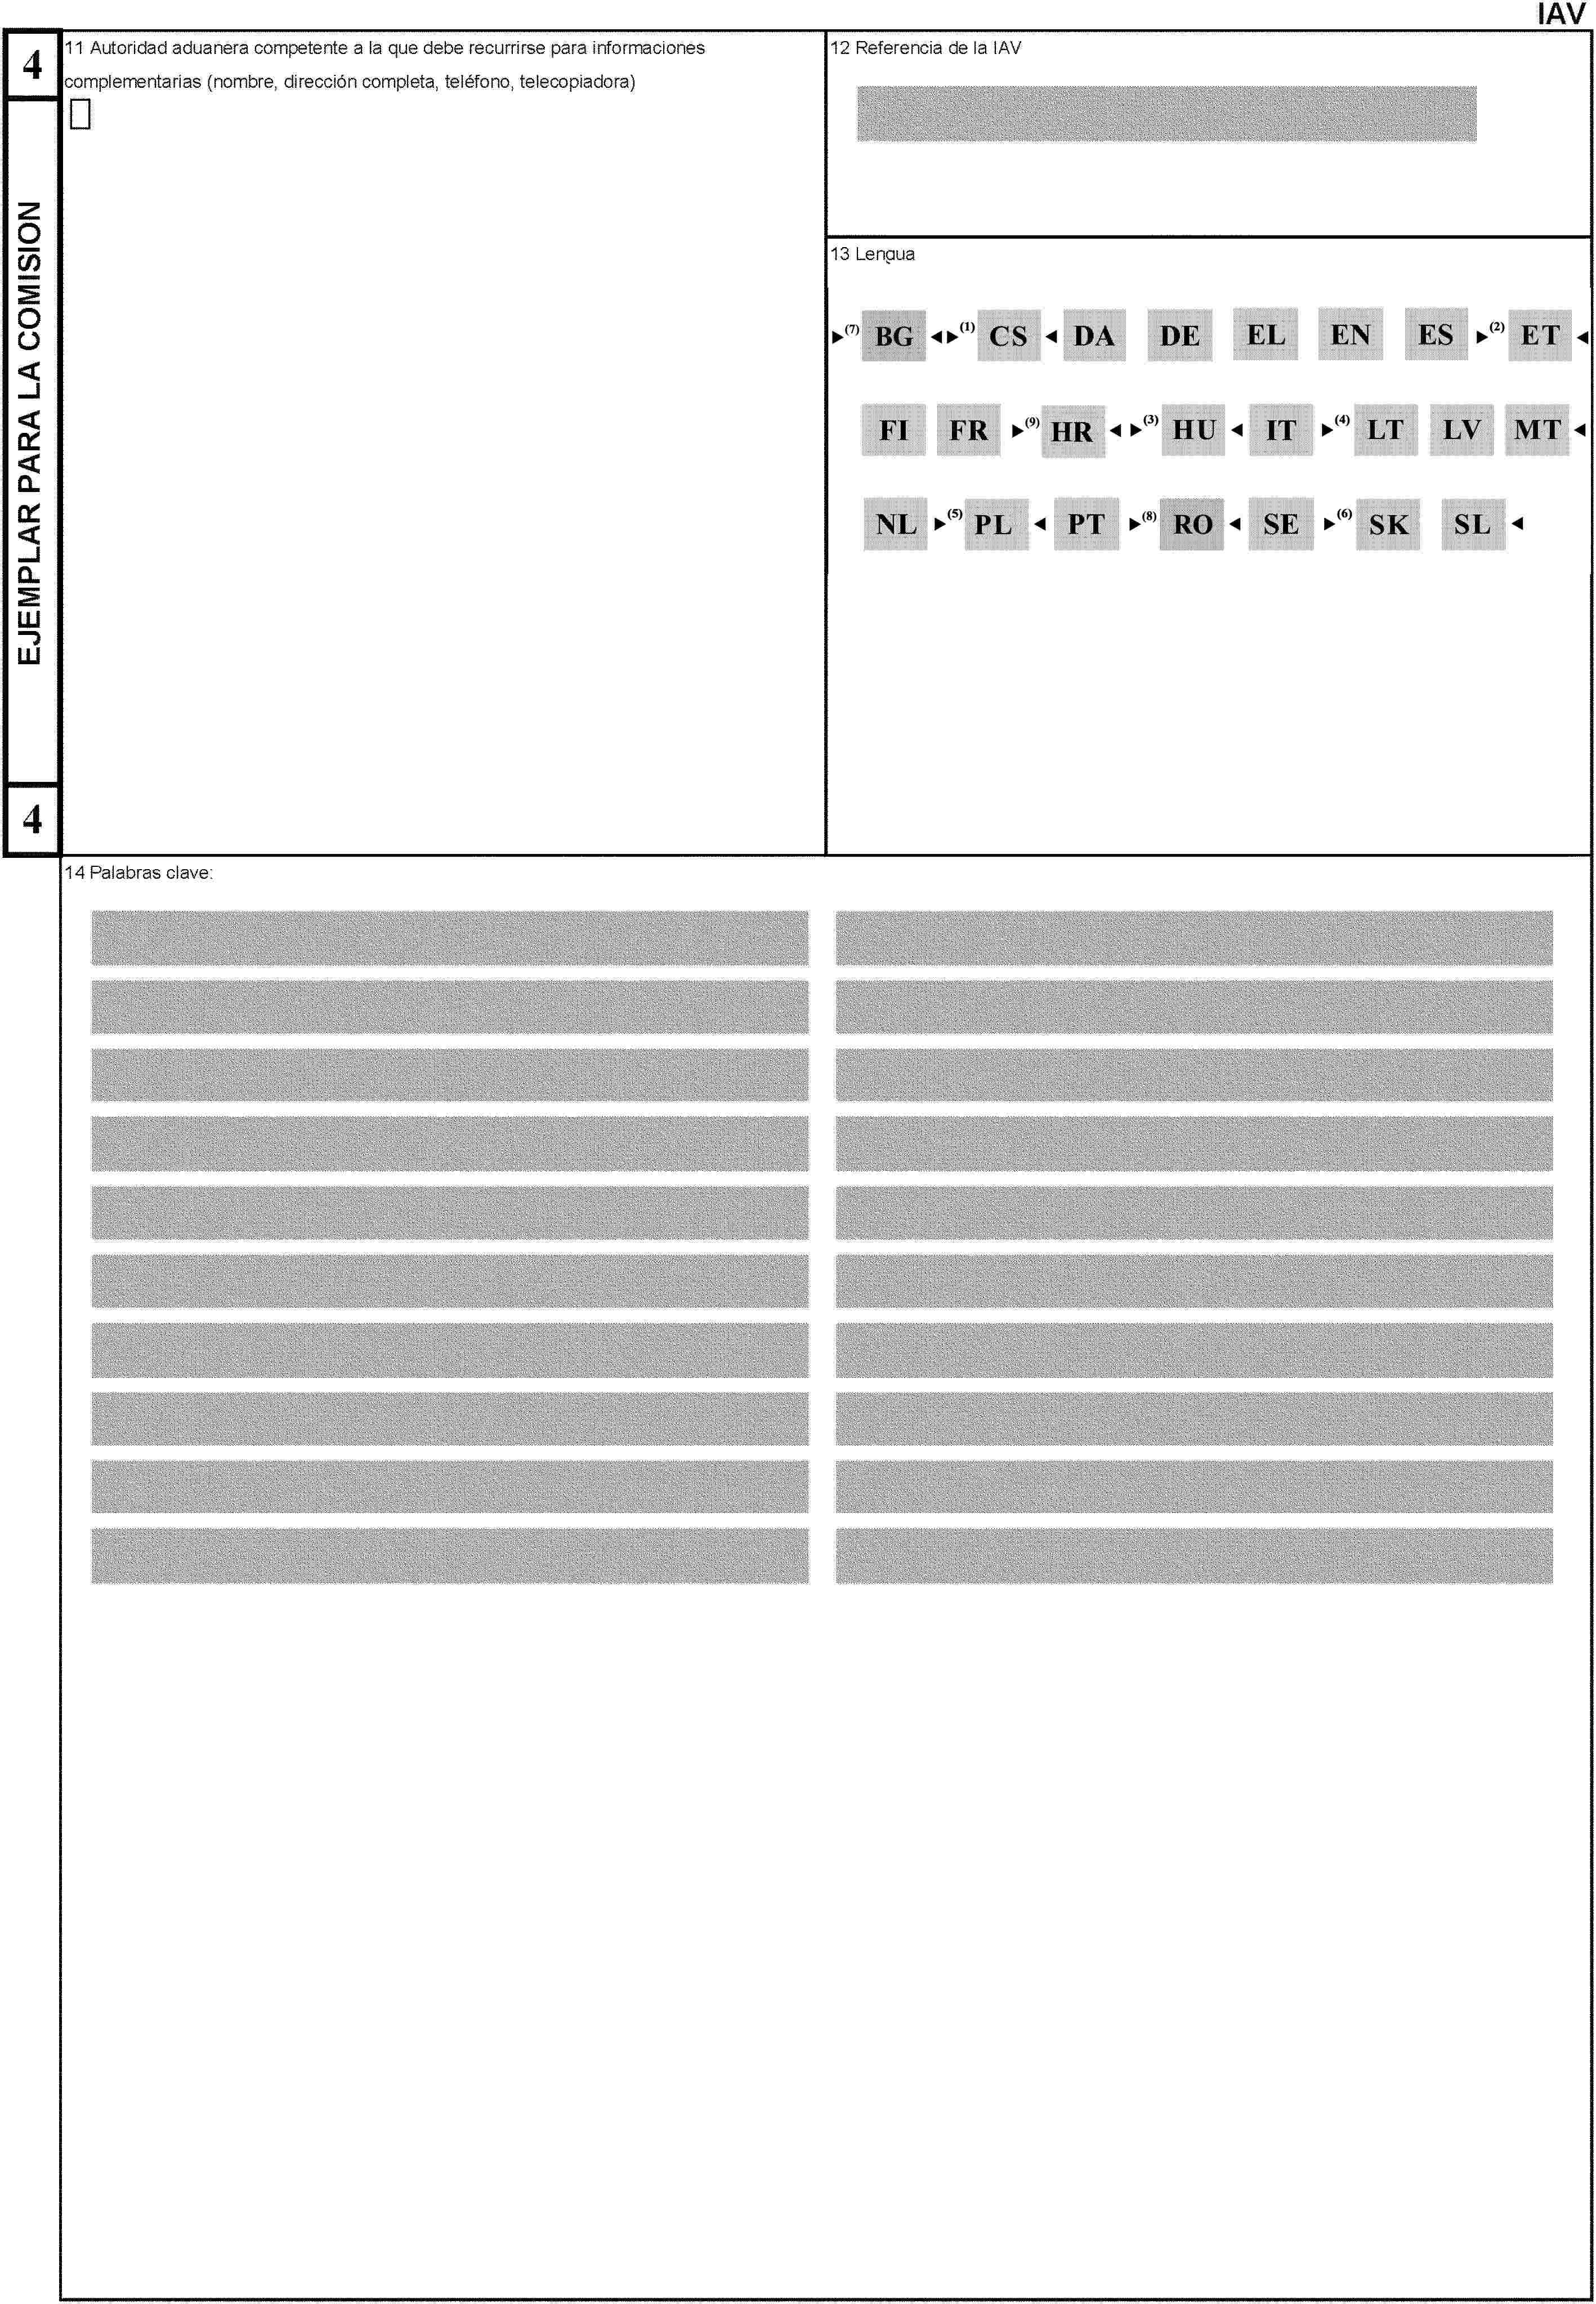 Calendario Febrero 2019 Colombia Para Imprimir Más Recientes Eur Lex R2454 En Eur Lex Of Calendario Febrero 2019 Colombia Para Imprimir Más Populares Este Es Sin Duda Calendario 2019 Imprimir Portugues